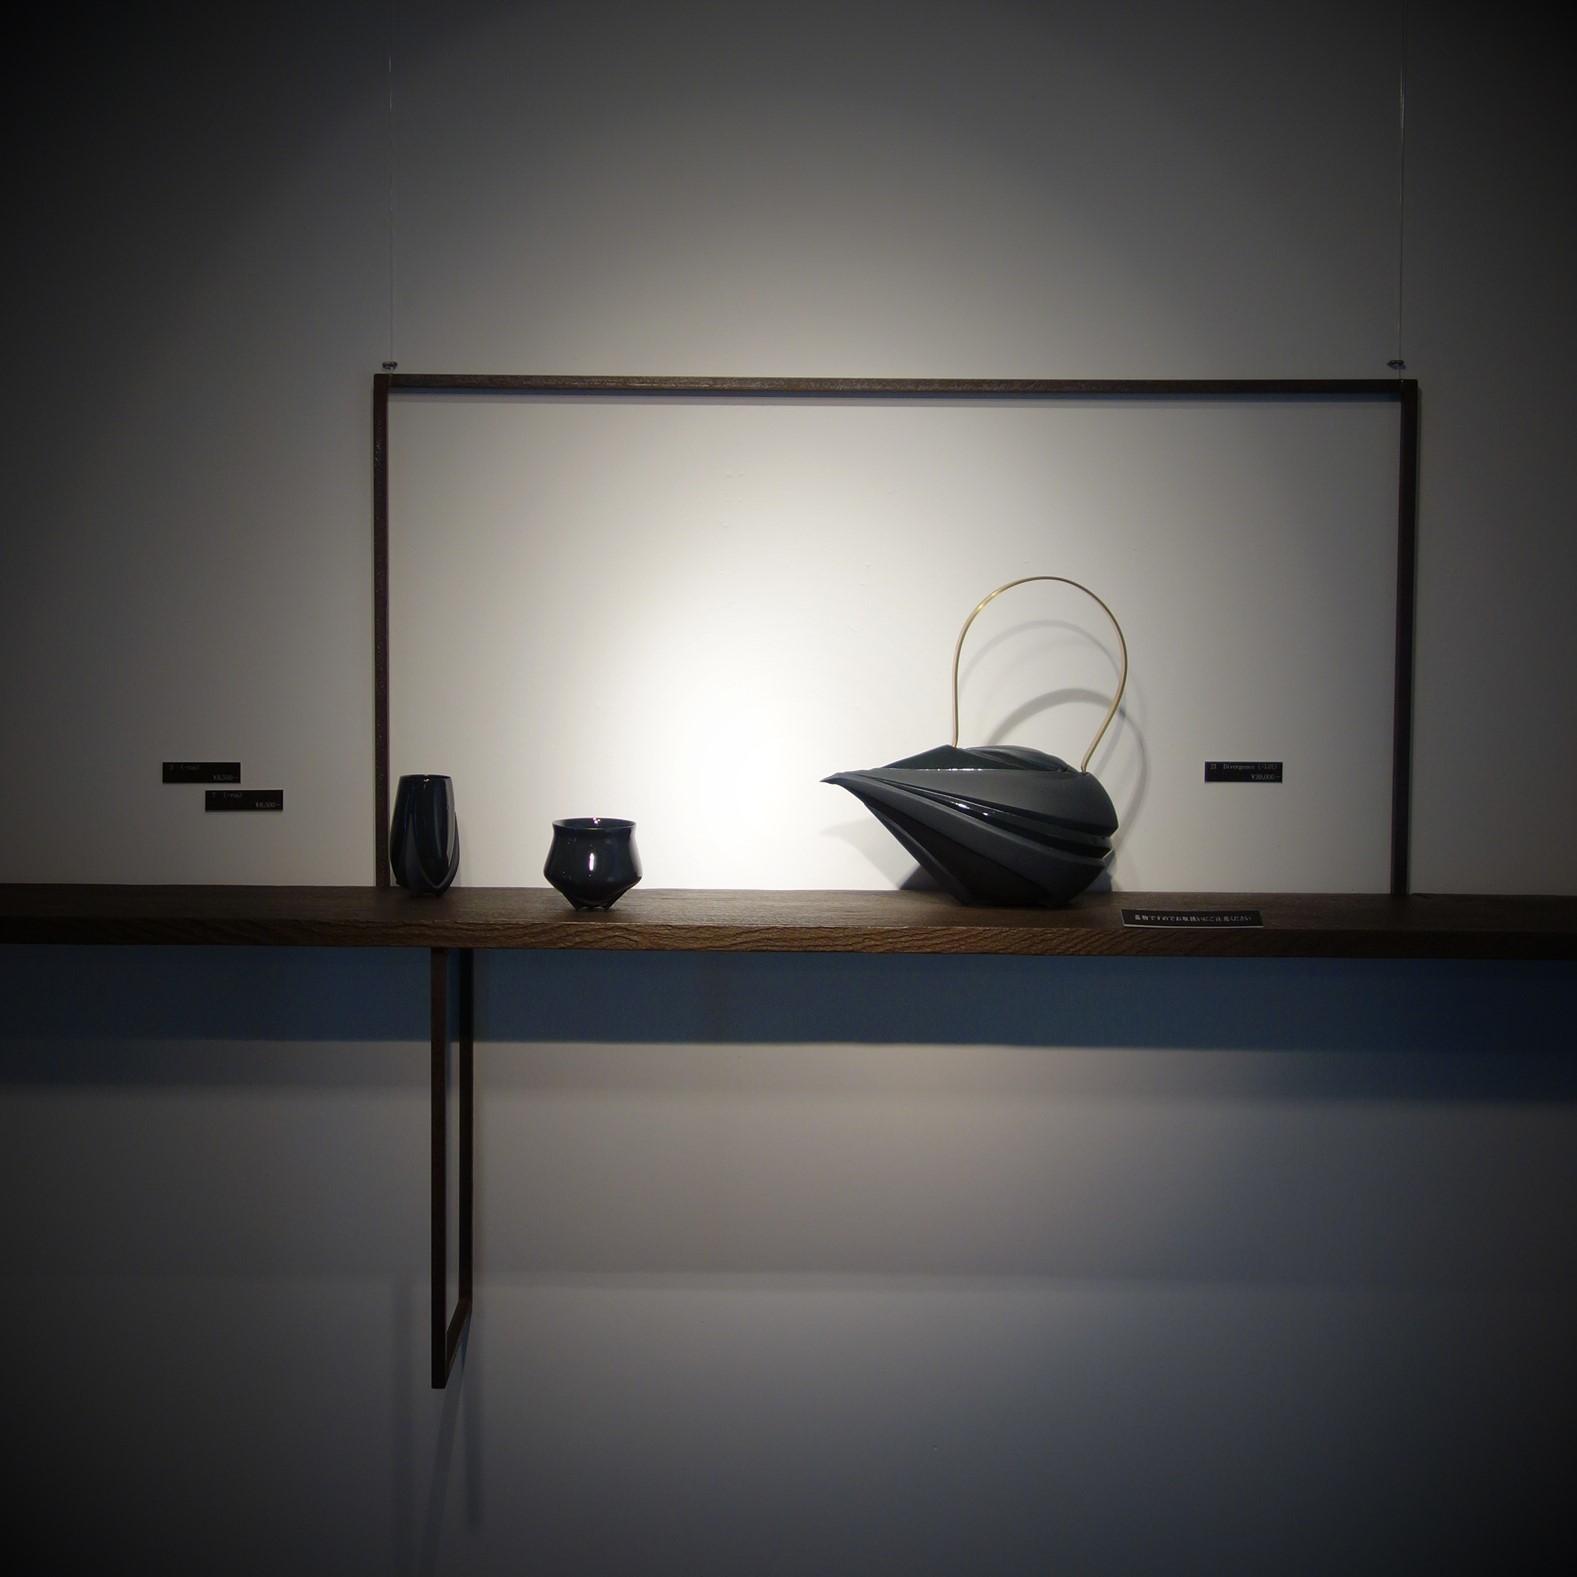 ー 松村 淳 作品展 ー 開催中です_b0232919_12233349.jpg